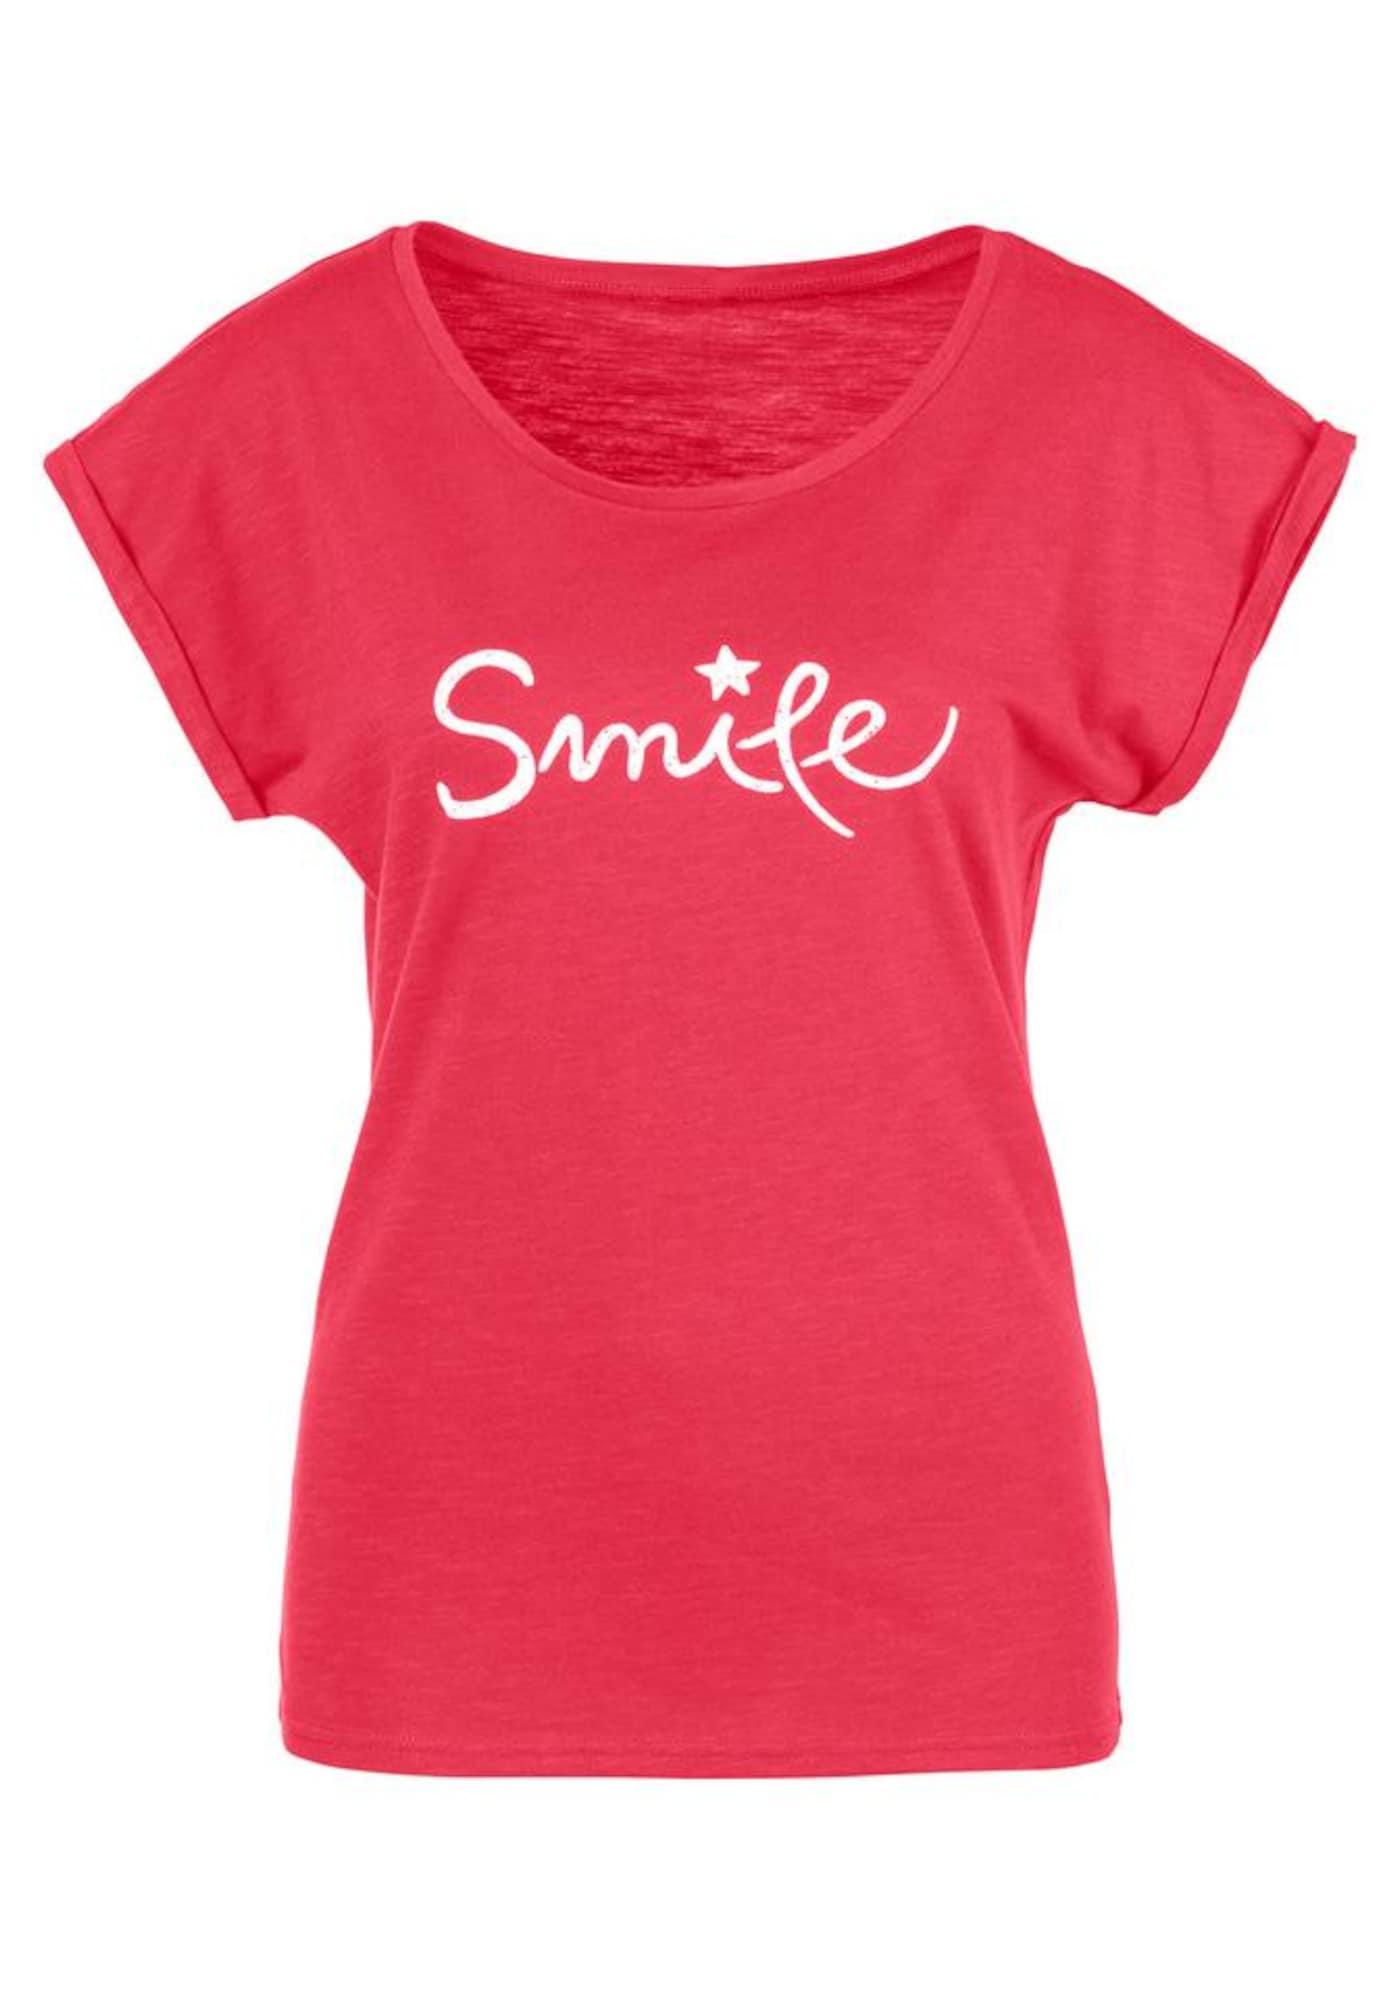 BEACH TIME Marškinėliai lašišų spalva / raudona / balta